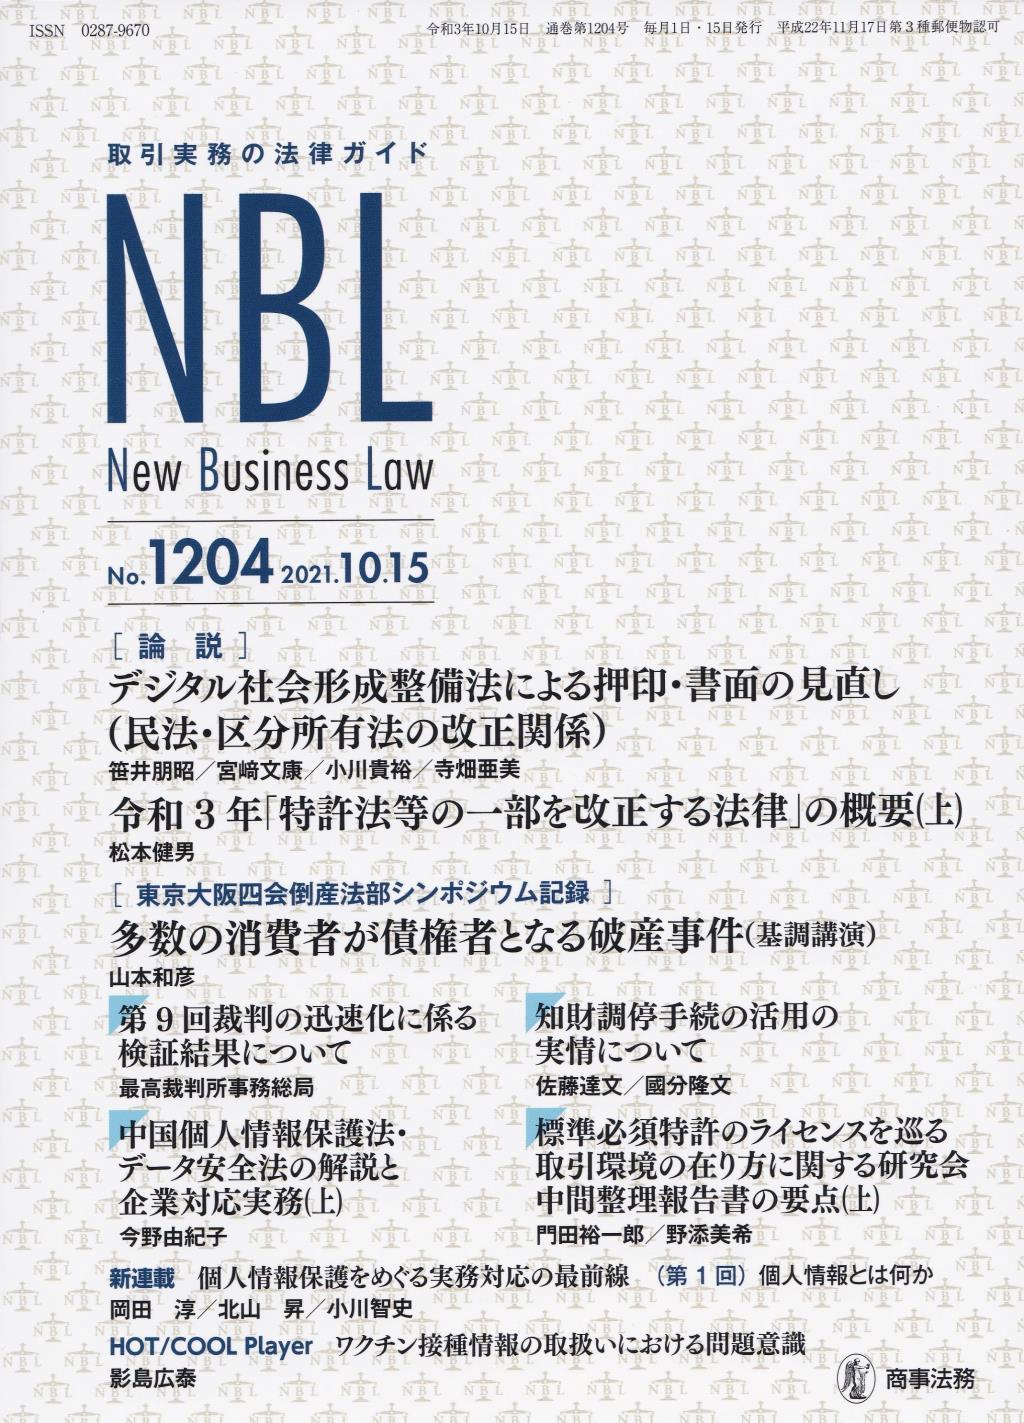 NBL No.1204 2021.10.15